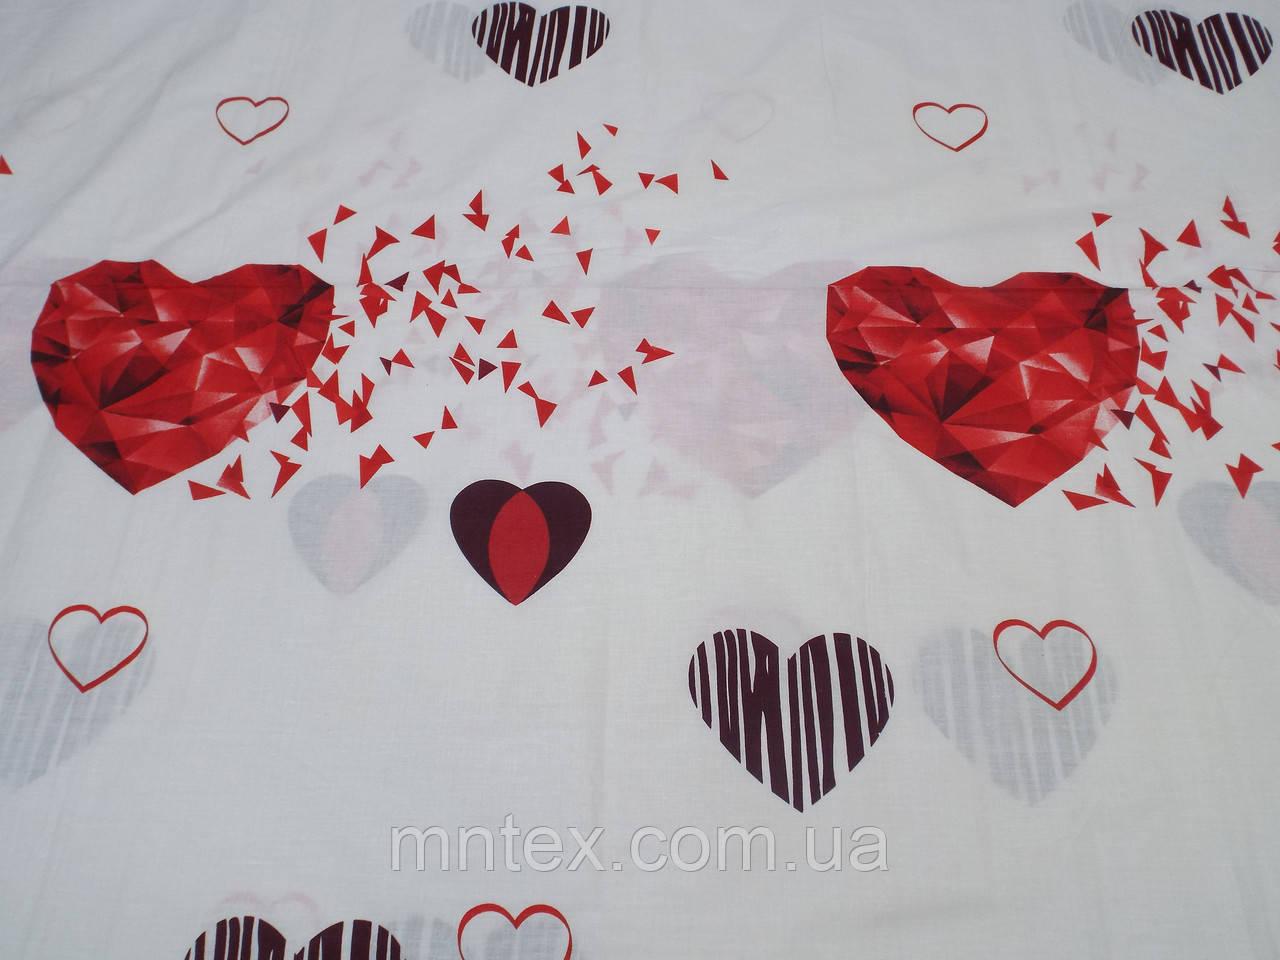 Ткань для пошива постельного белья бязь голд Рубиновое сердце